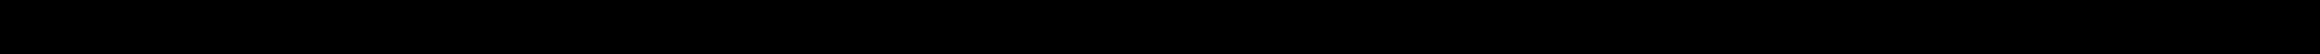 DENSO 98069-587-28, 98069-587-2801, 98069-587-282N, 98069-58911, 98069-58916 Zapalovací svíčka